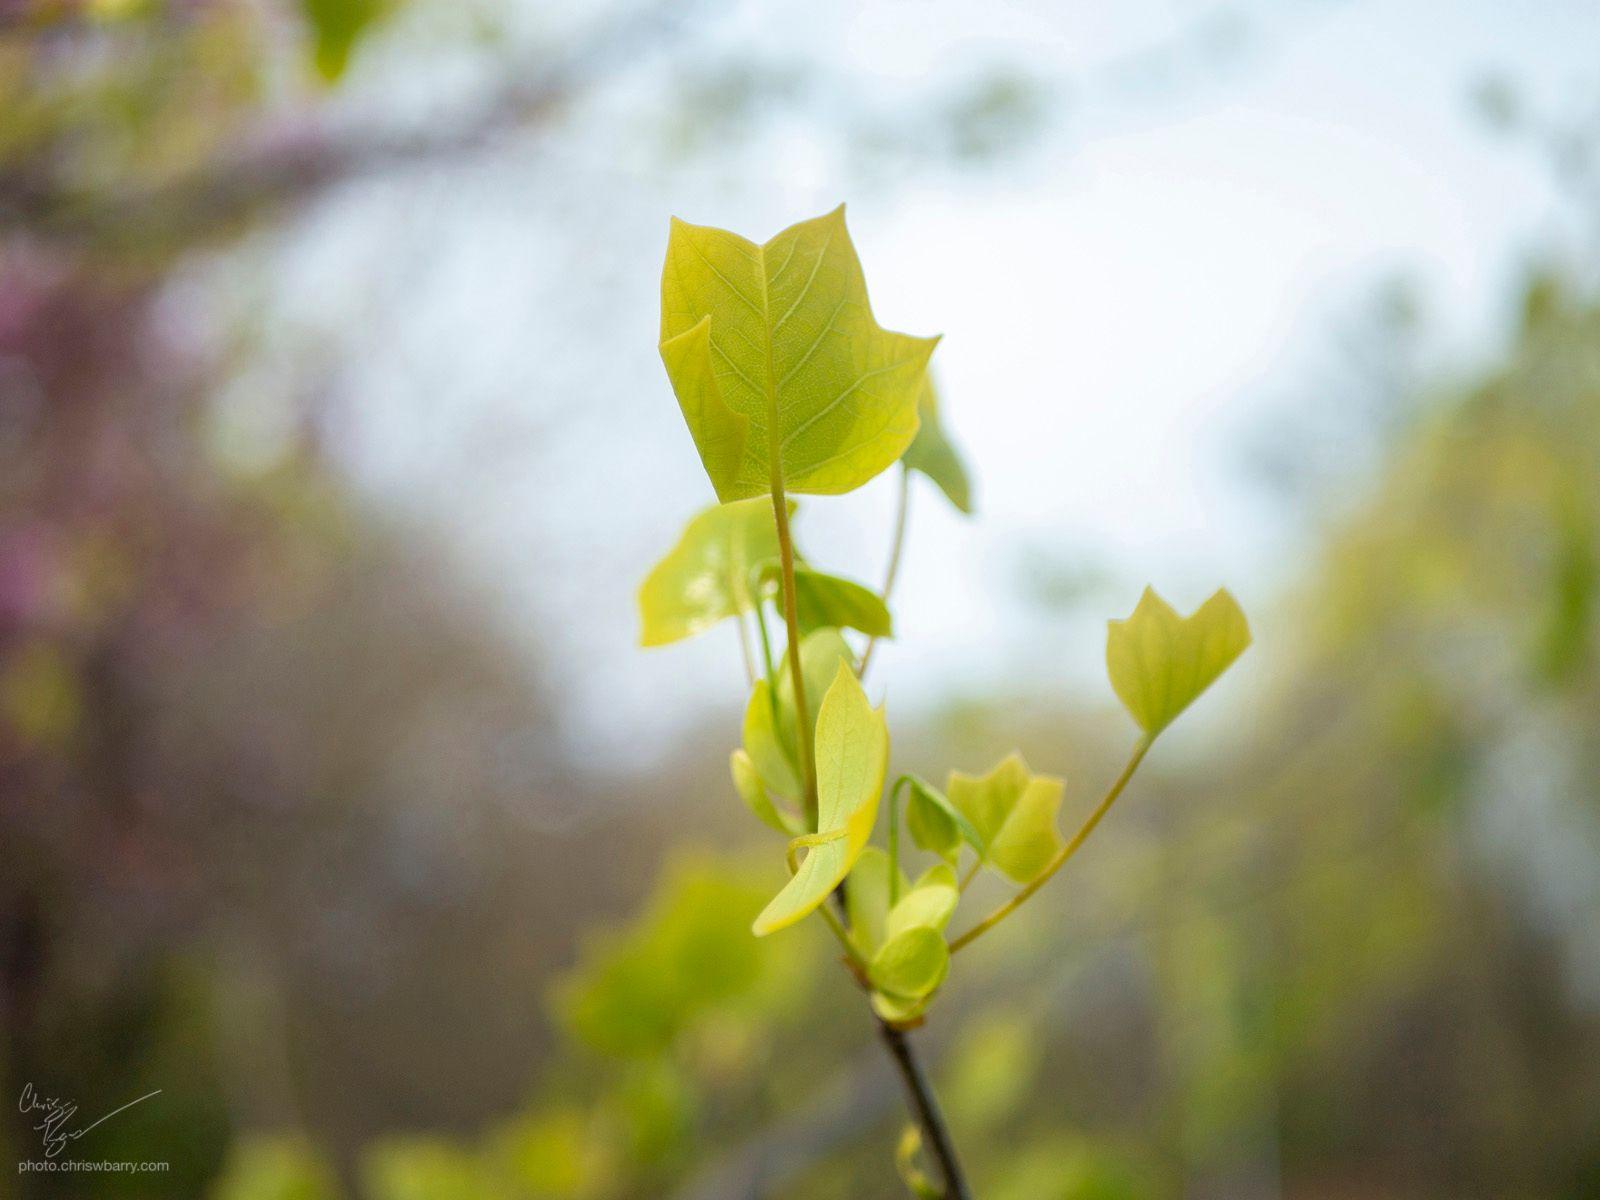 4-19-20: Tulip Tree's new leaves